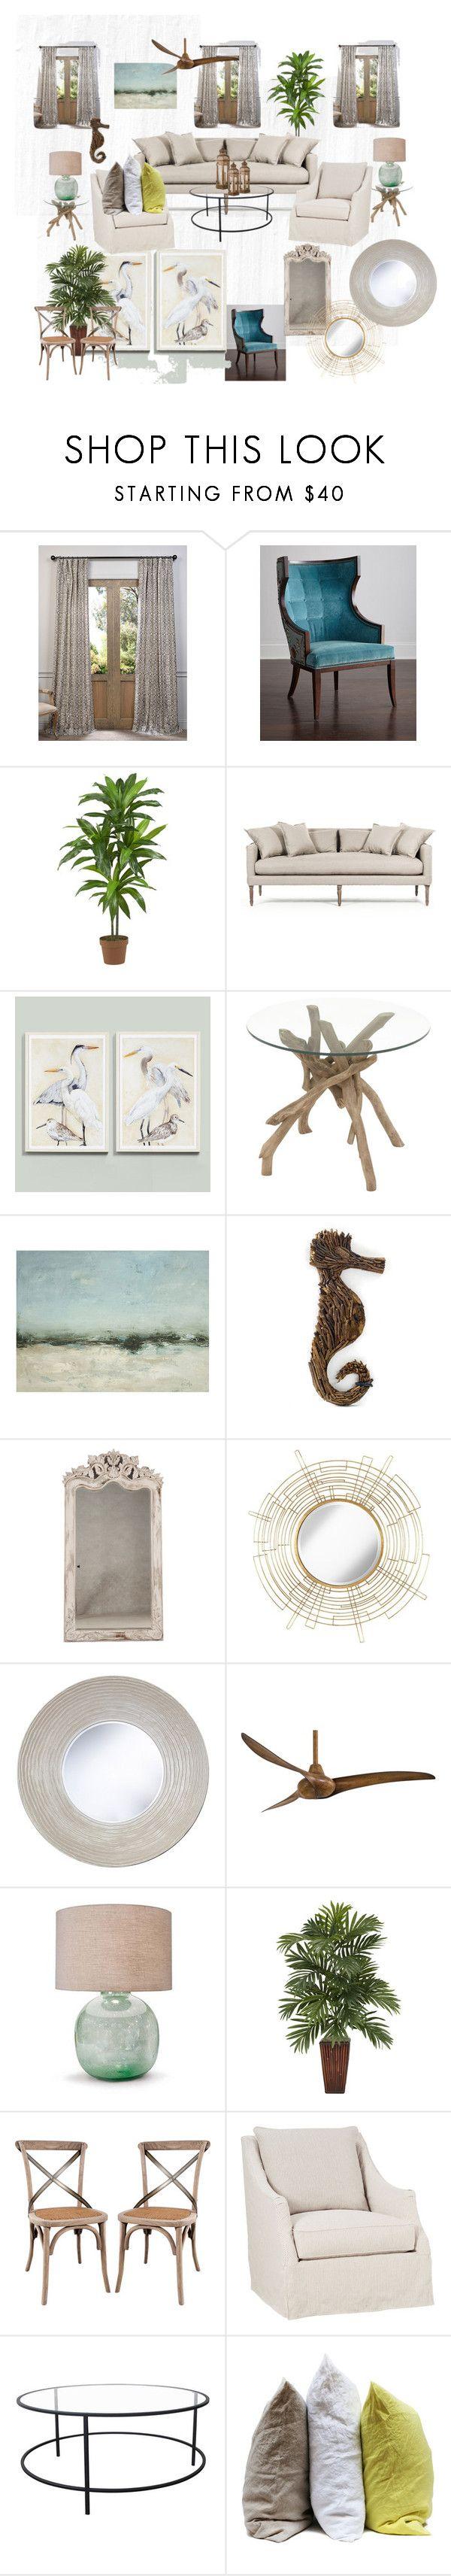 ... design, home, home decor, interior decorating, Massoud, Dot